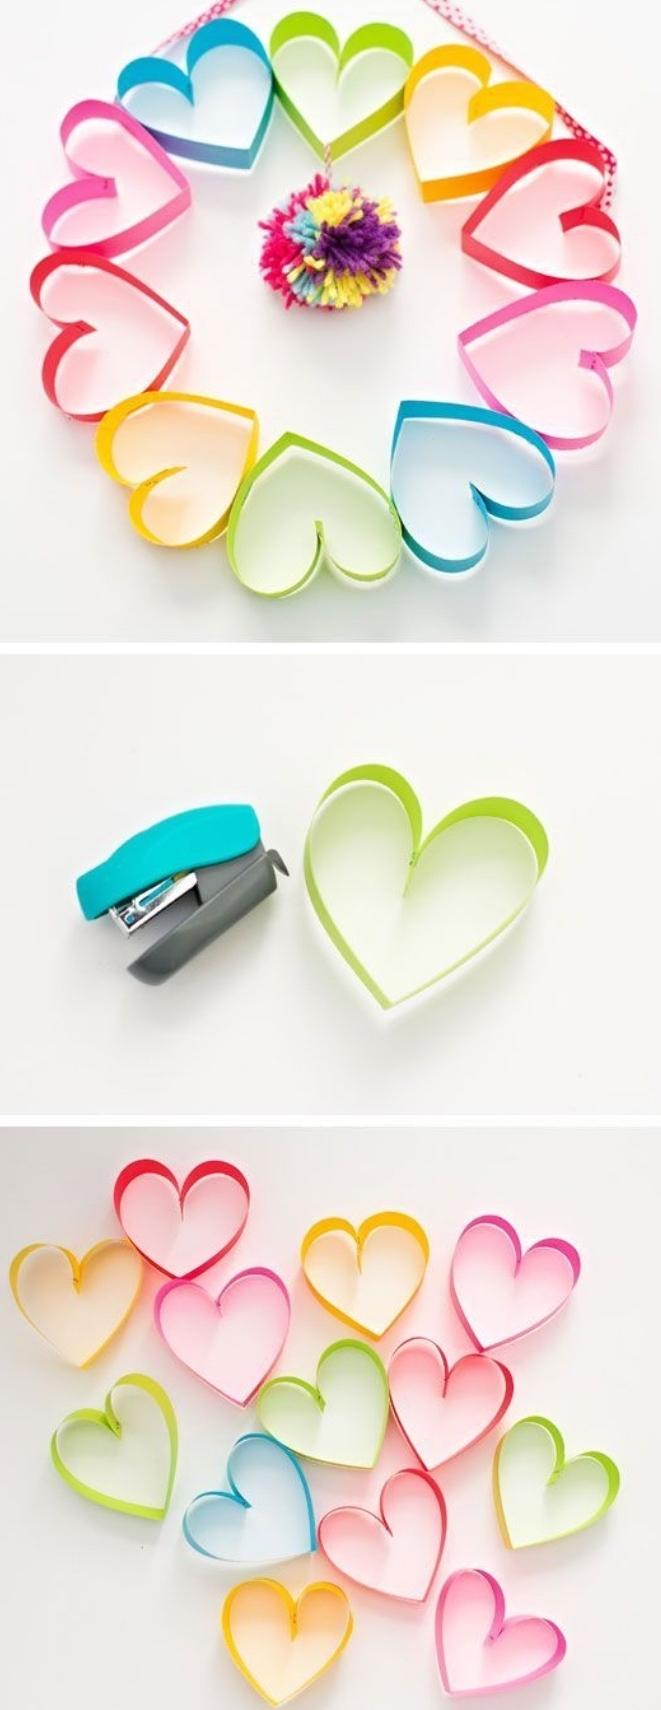 einfache Bastelideen zum Valentinstag, Herzchen, Herzform Dekorationen, Herz aus Papier machen